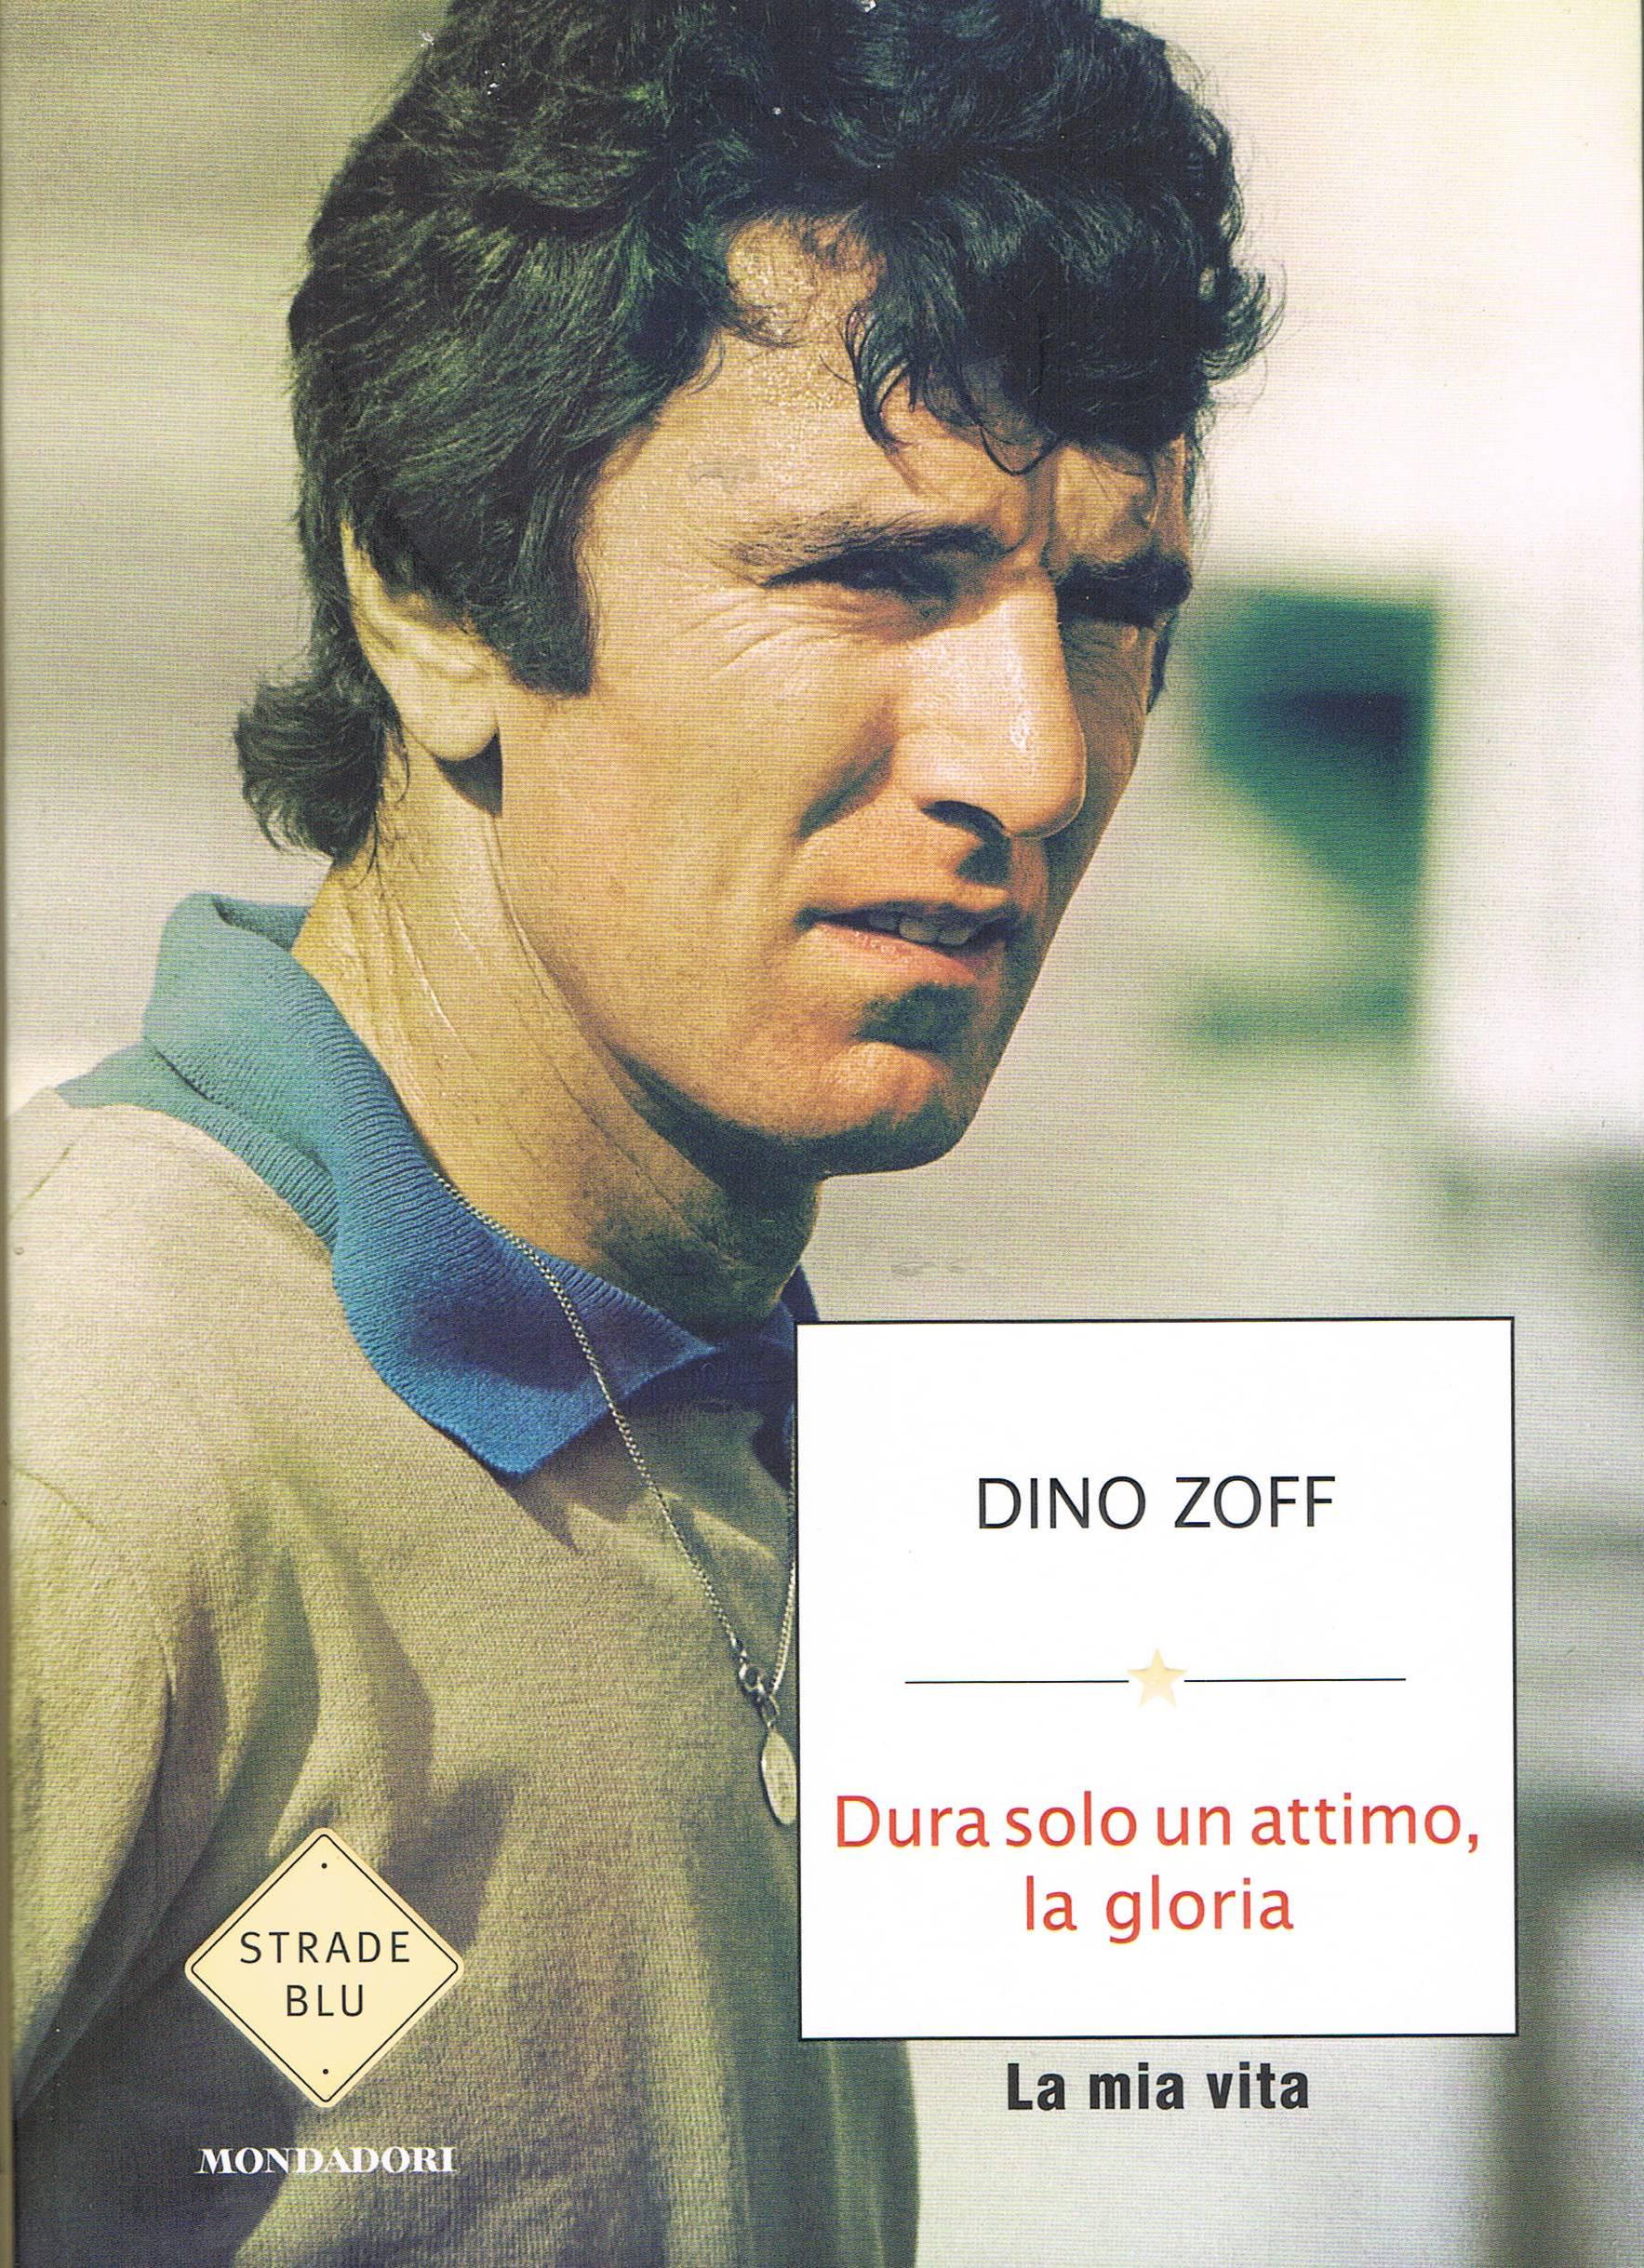 Dino Zoff, il Portiere con Napoli nel cuore